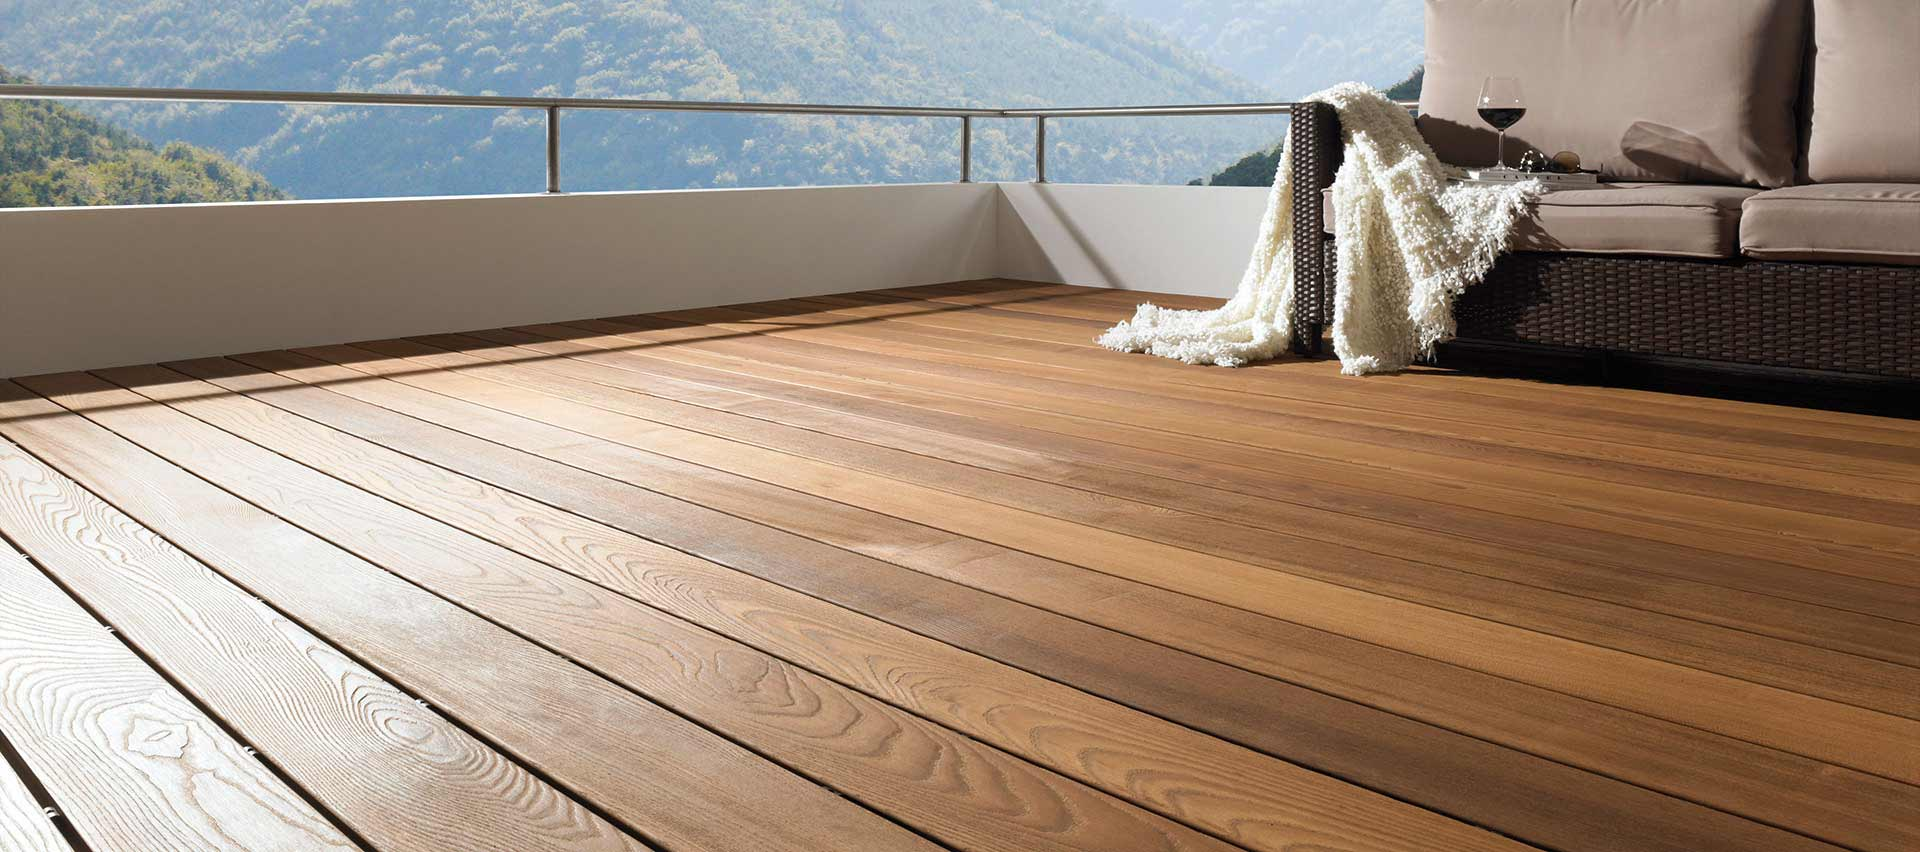 Wundervoll Holz Altern Natronlauge Ideen Von Terrassendielen | Große Auswahl Bei Holz-hauff In